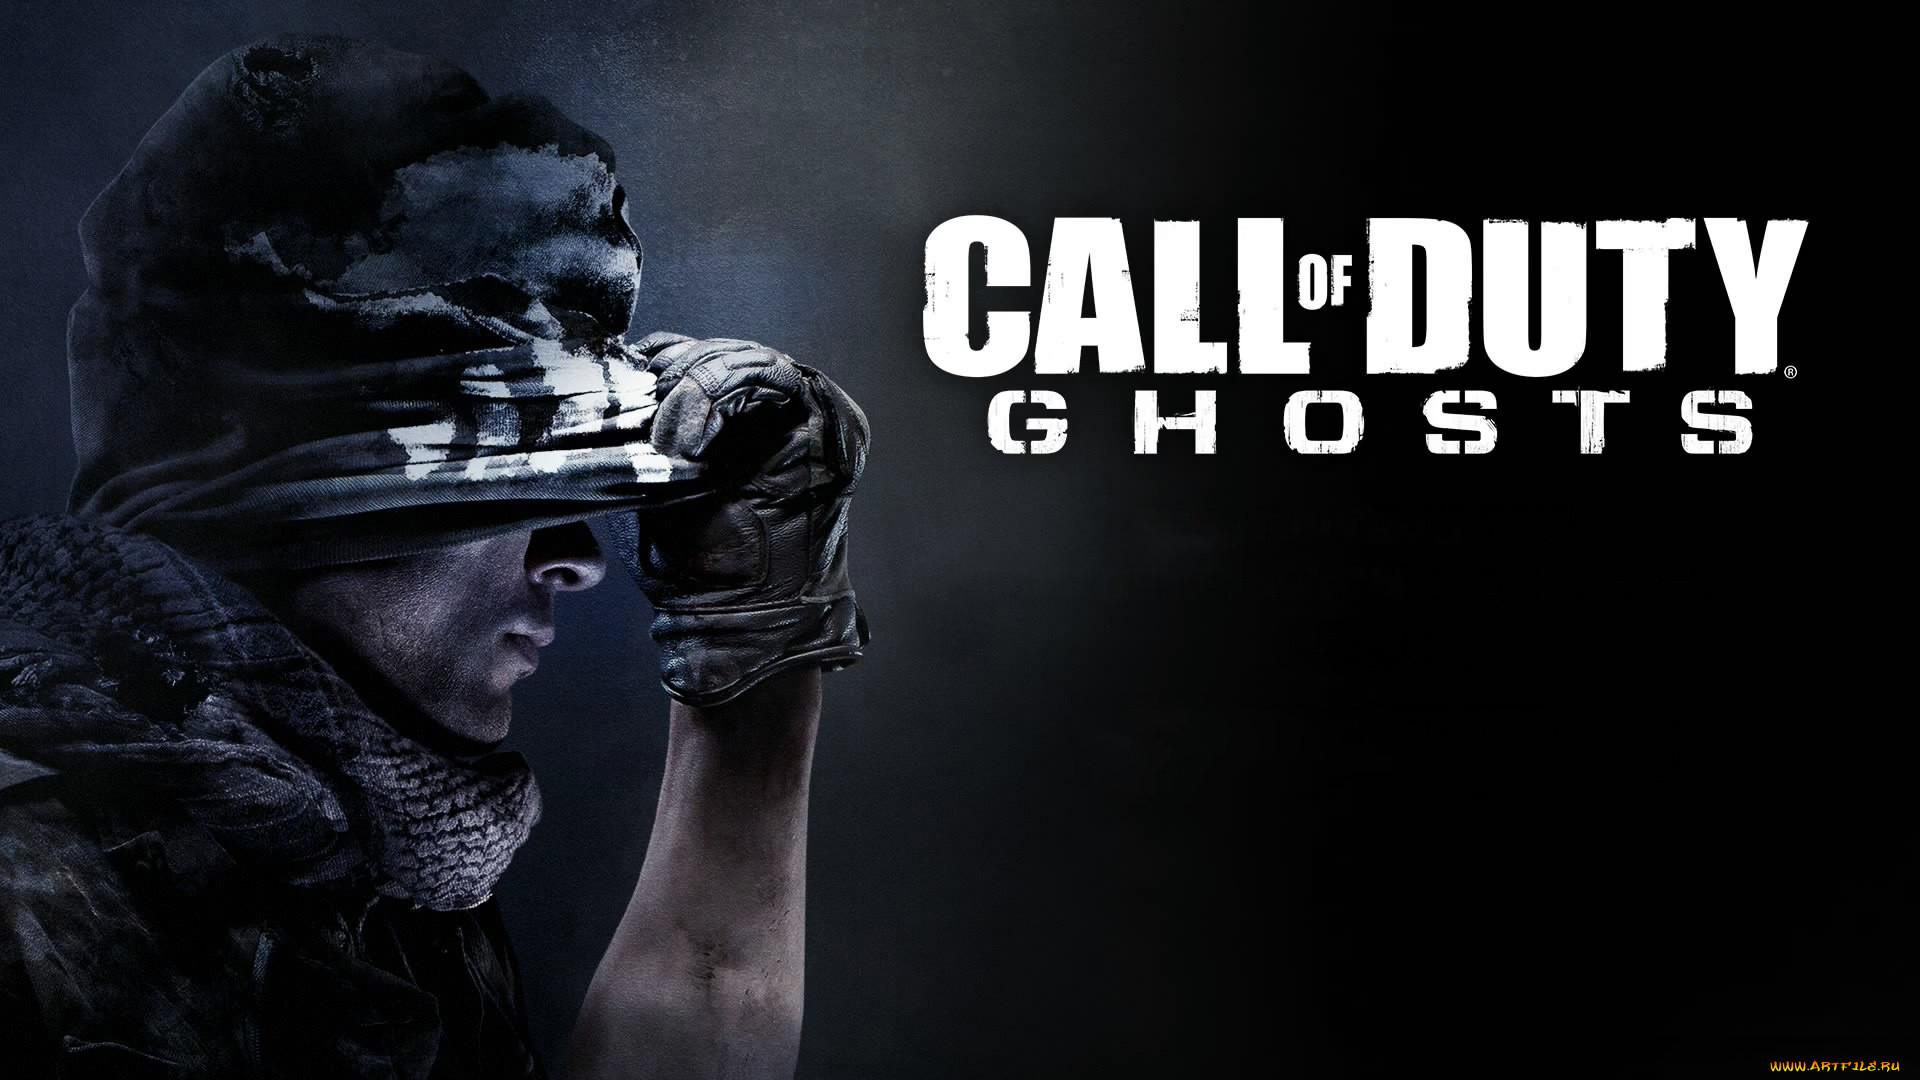 Вы оплачиваете предзаказ игры Call of Duty Ghosts Расширенное издание